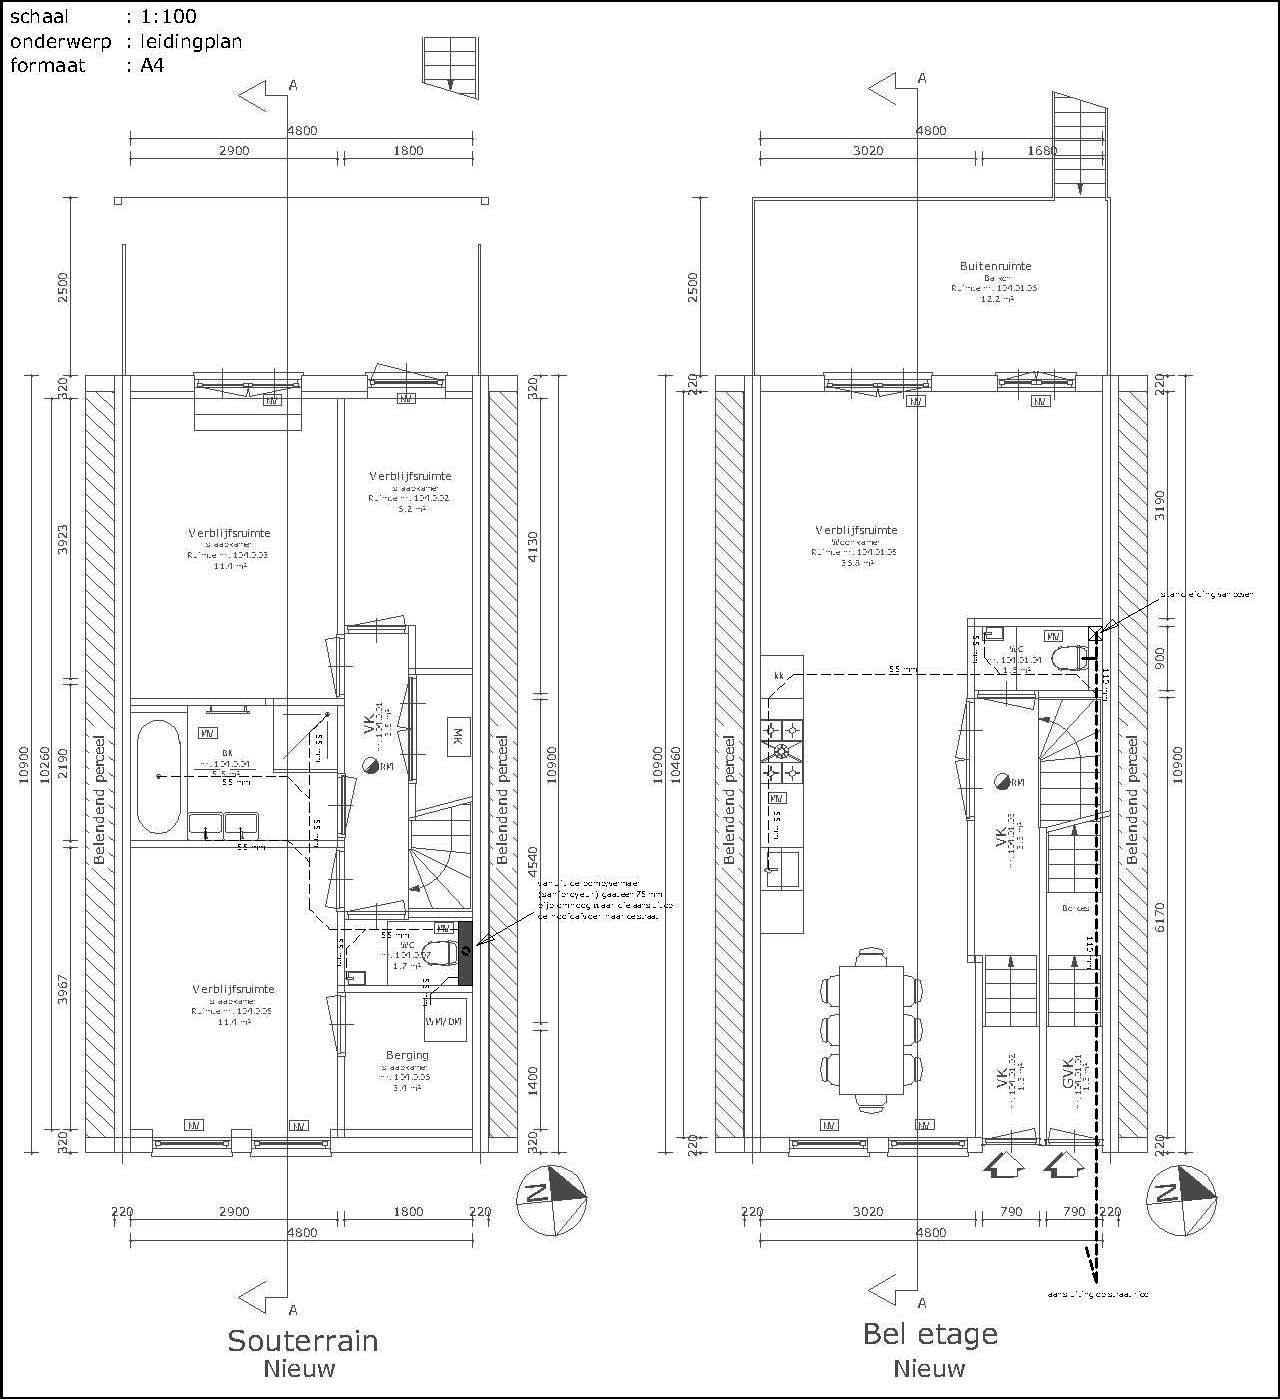 bouwaanvraag nodig voor veranda